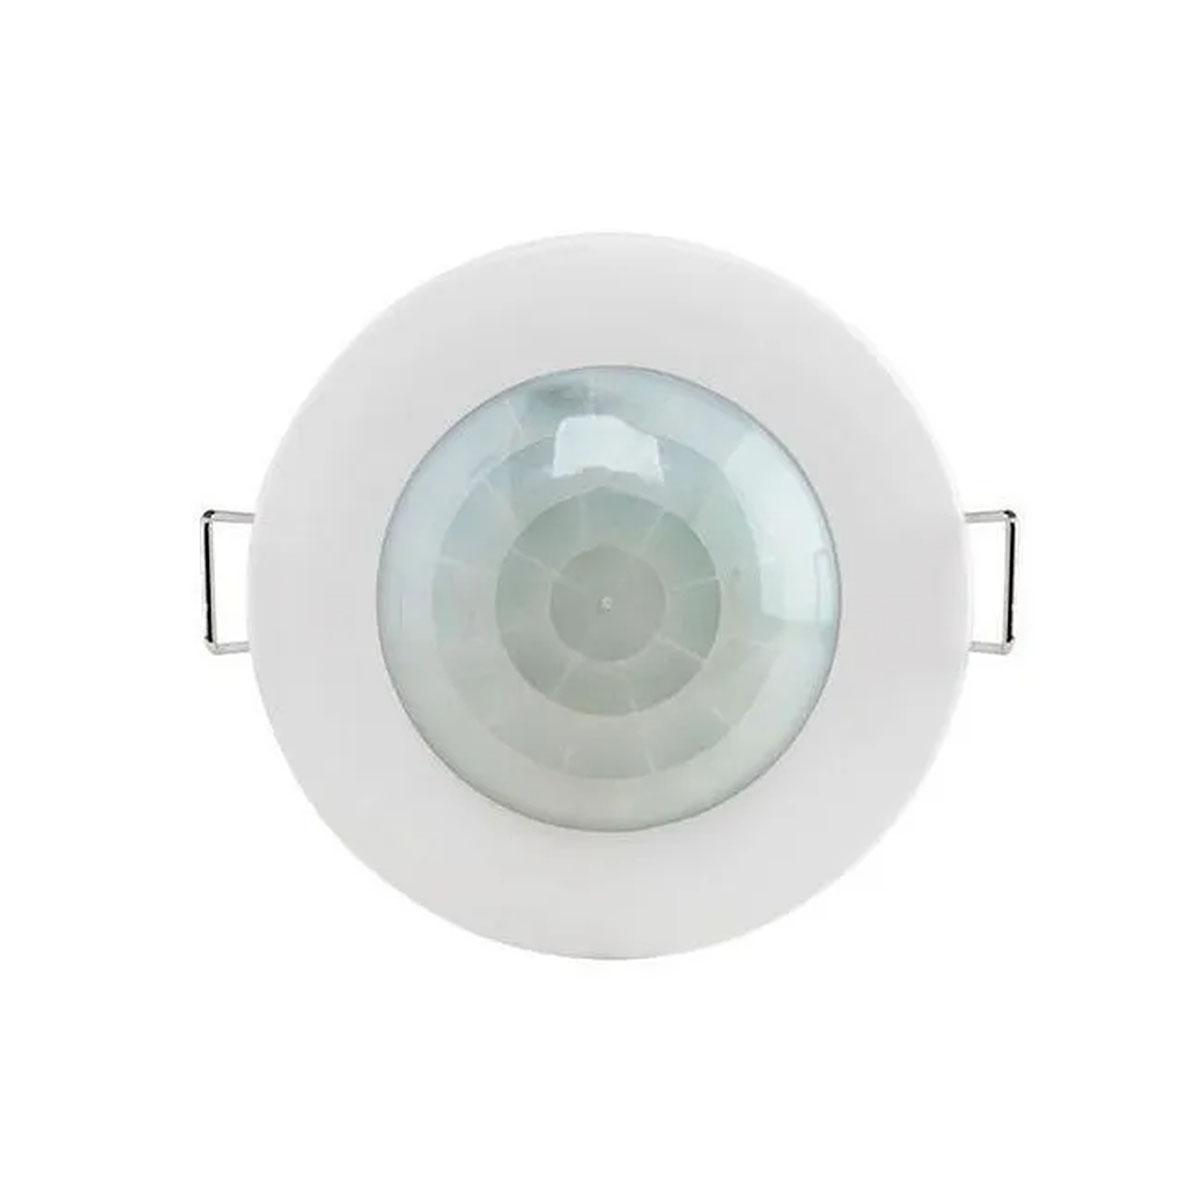 Kit 08 Interruptor Intelbras Presença e Iluminação Esp 360 E